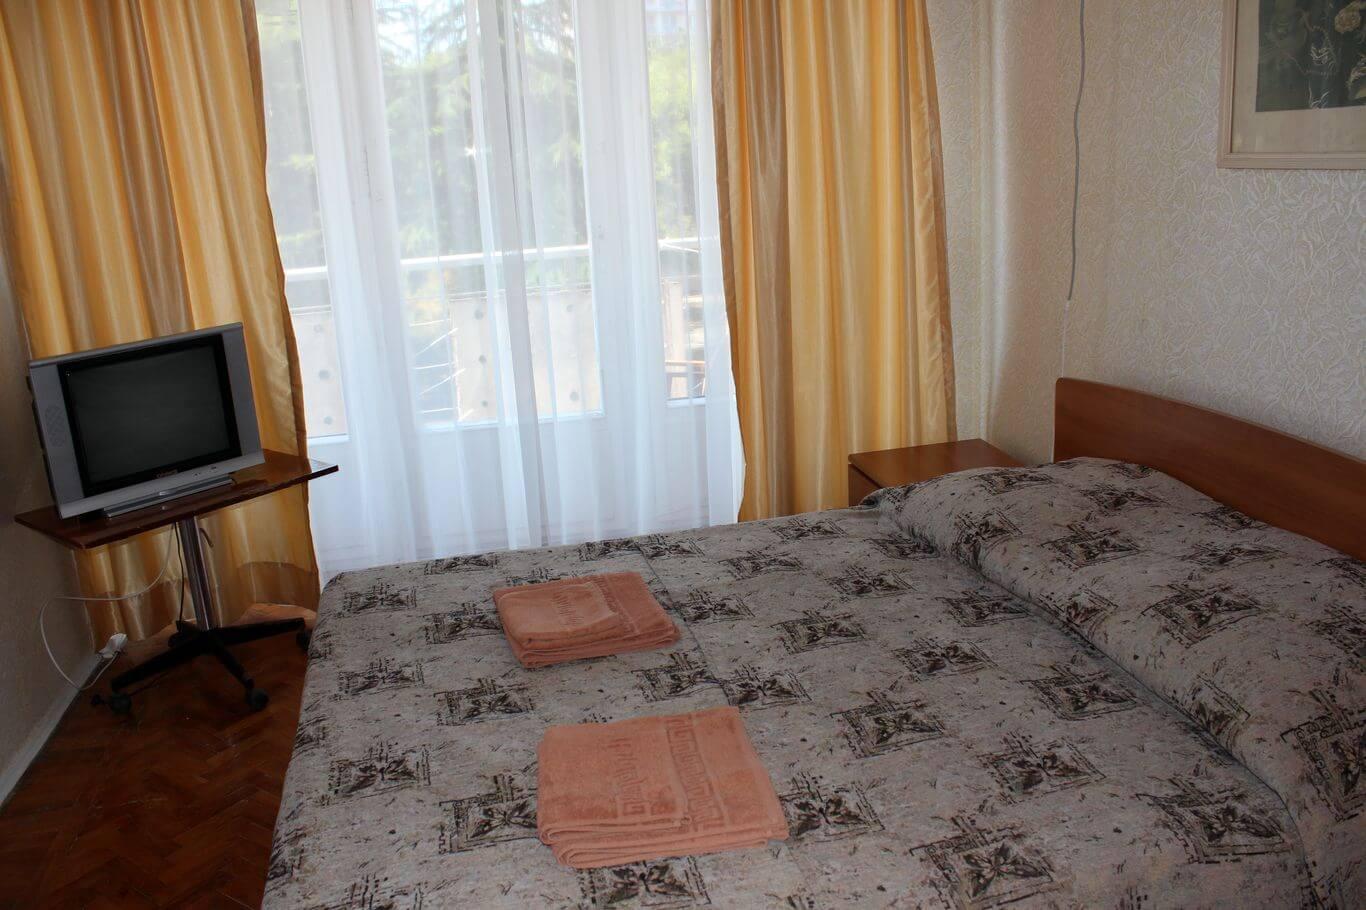 3-местный стандартный (двухкомнатный), Дом отдыха Питиус в Пицунде, Абхазия